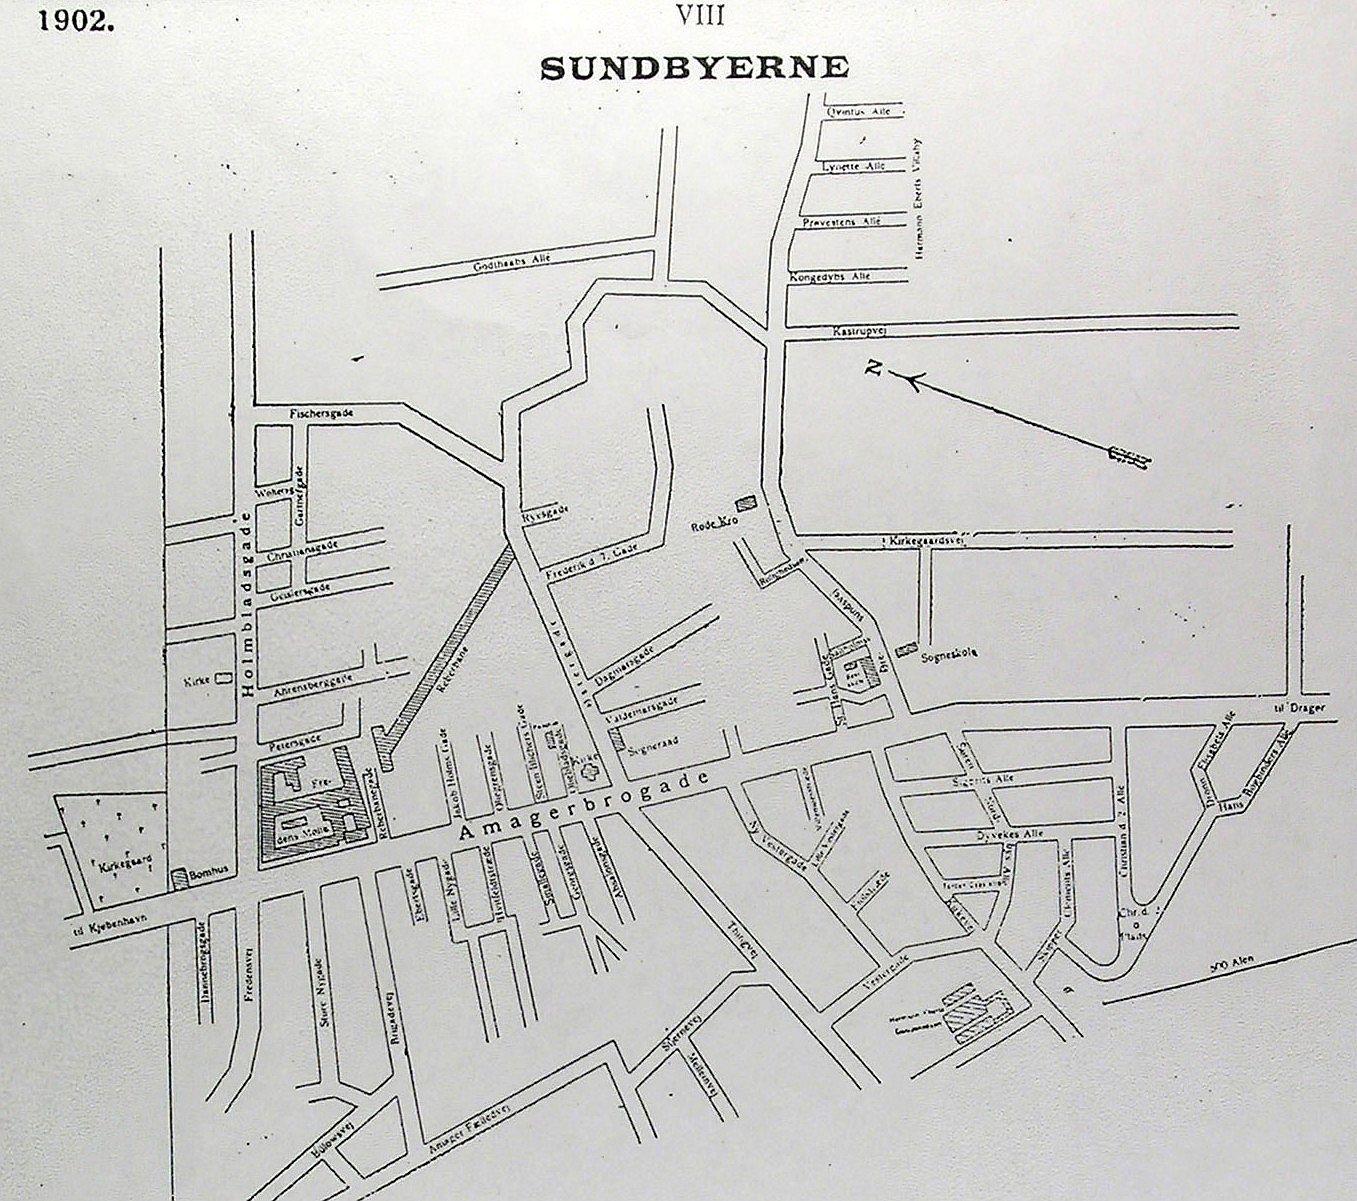 gamle kort på nettet